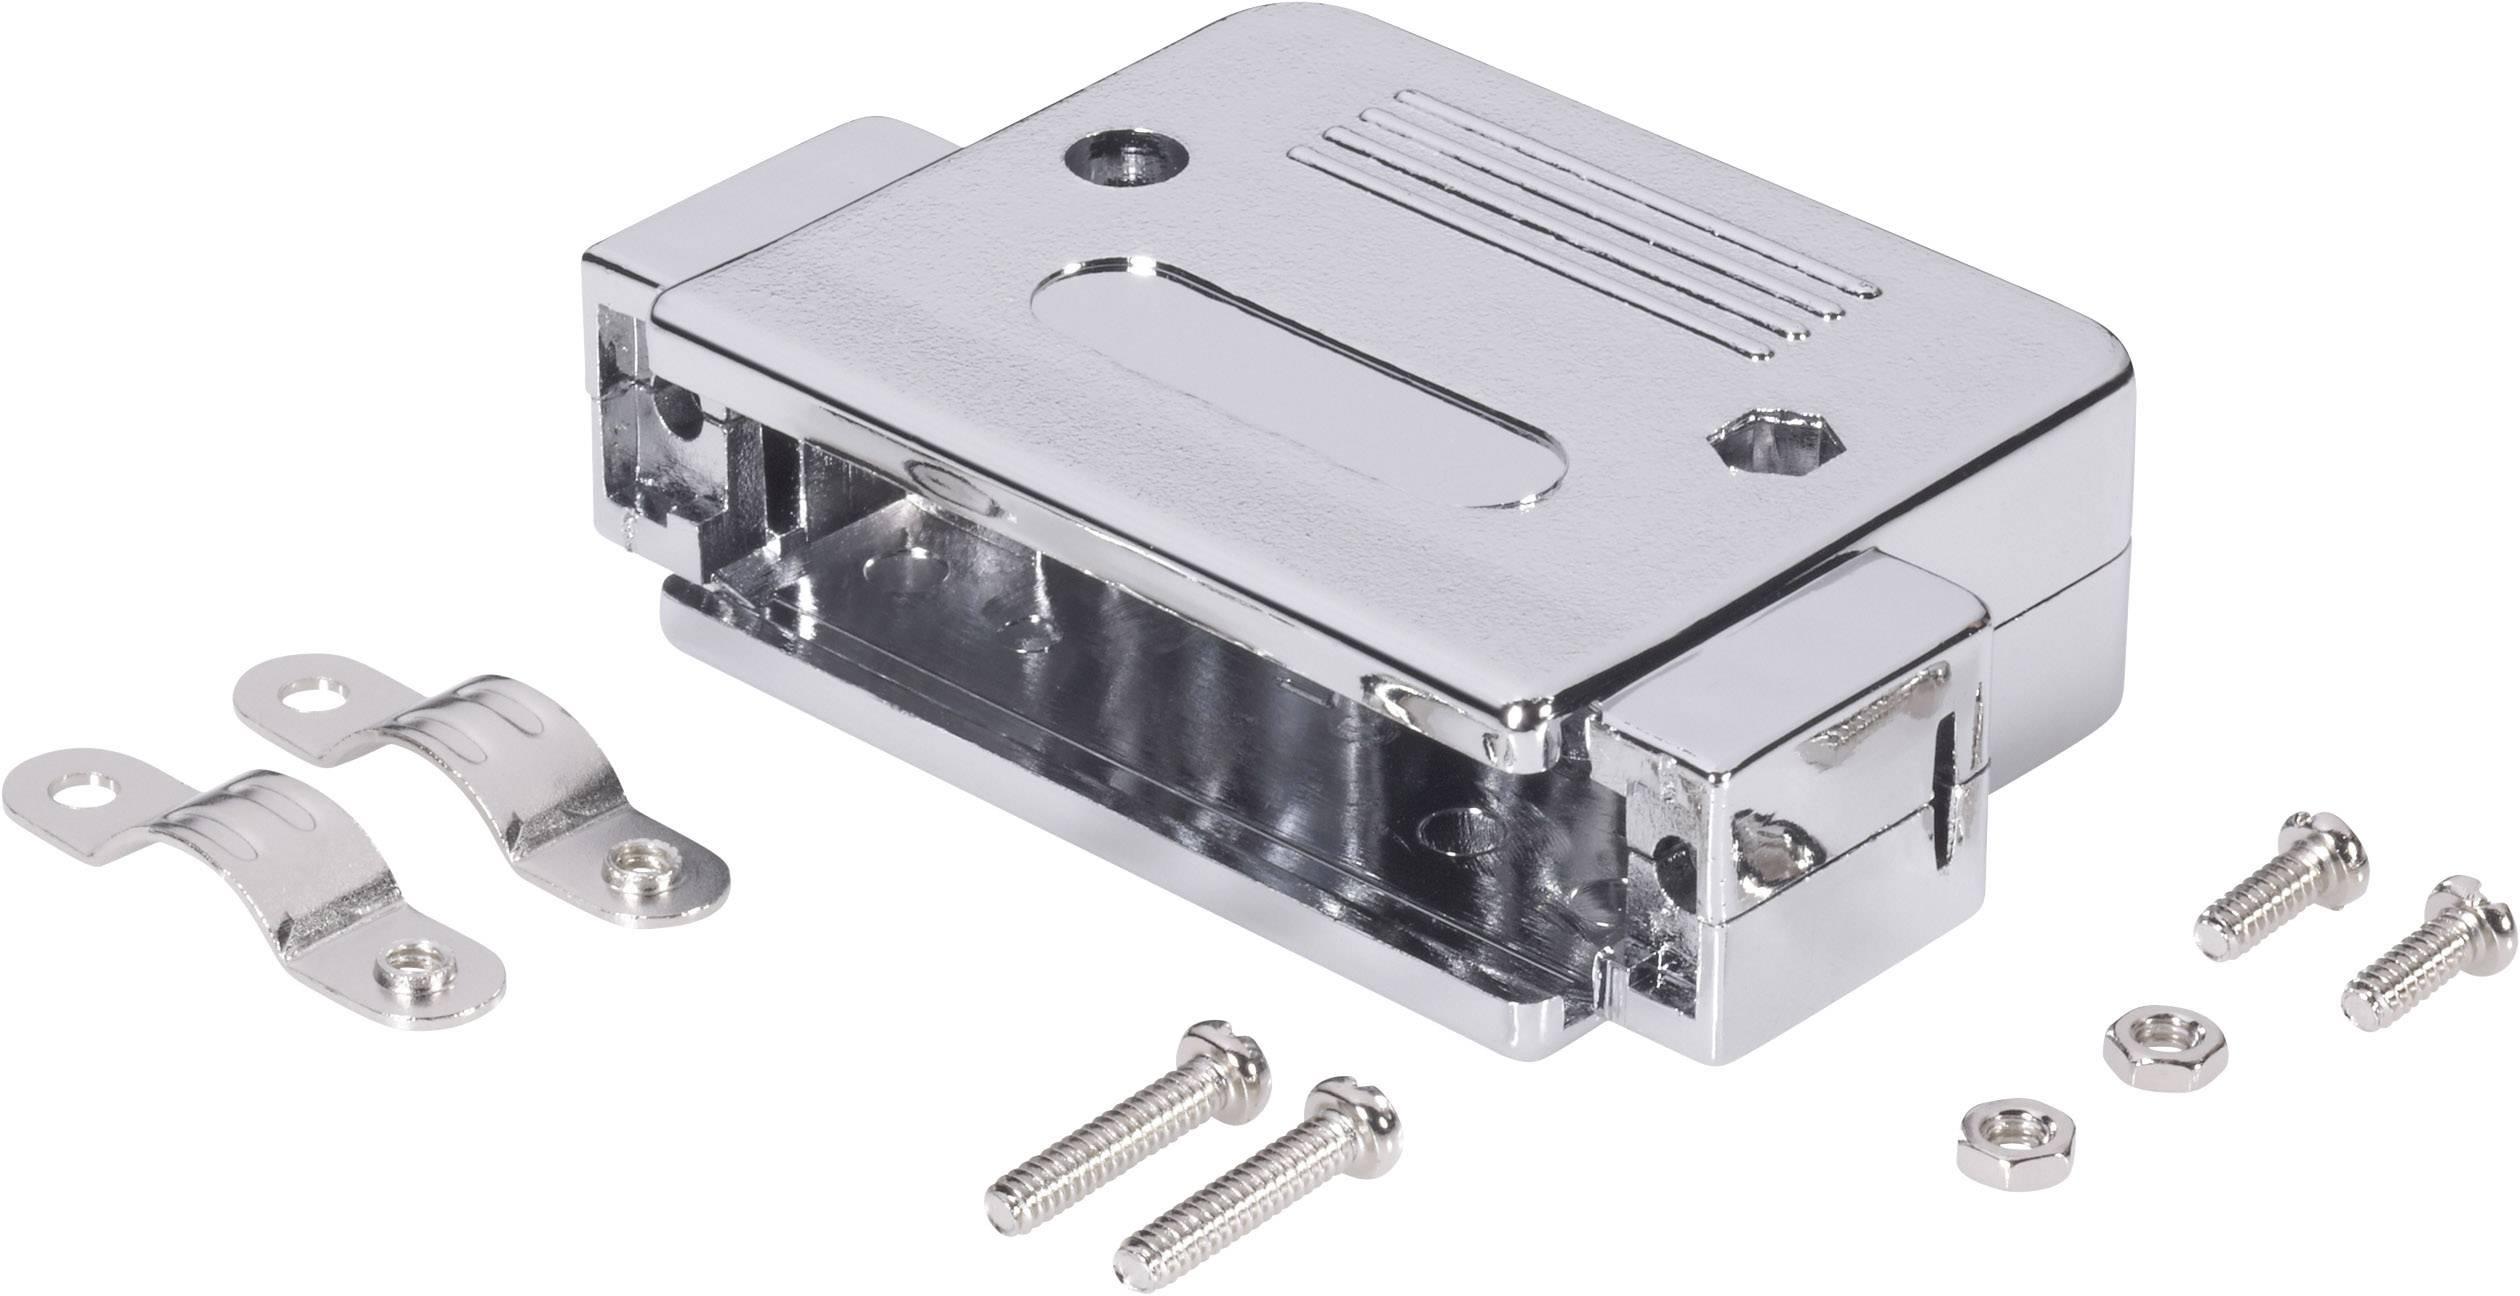 D-SUB púzdro BKL Electronic 10120078 10120078, Počet pinov: 25, plast, pokovaný, 180 °, strieborná, 1 ks